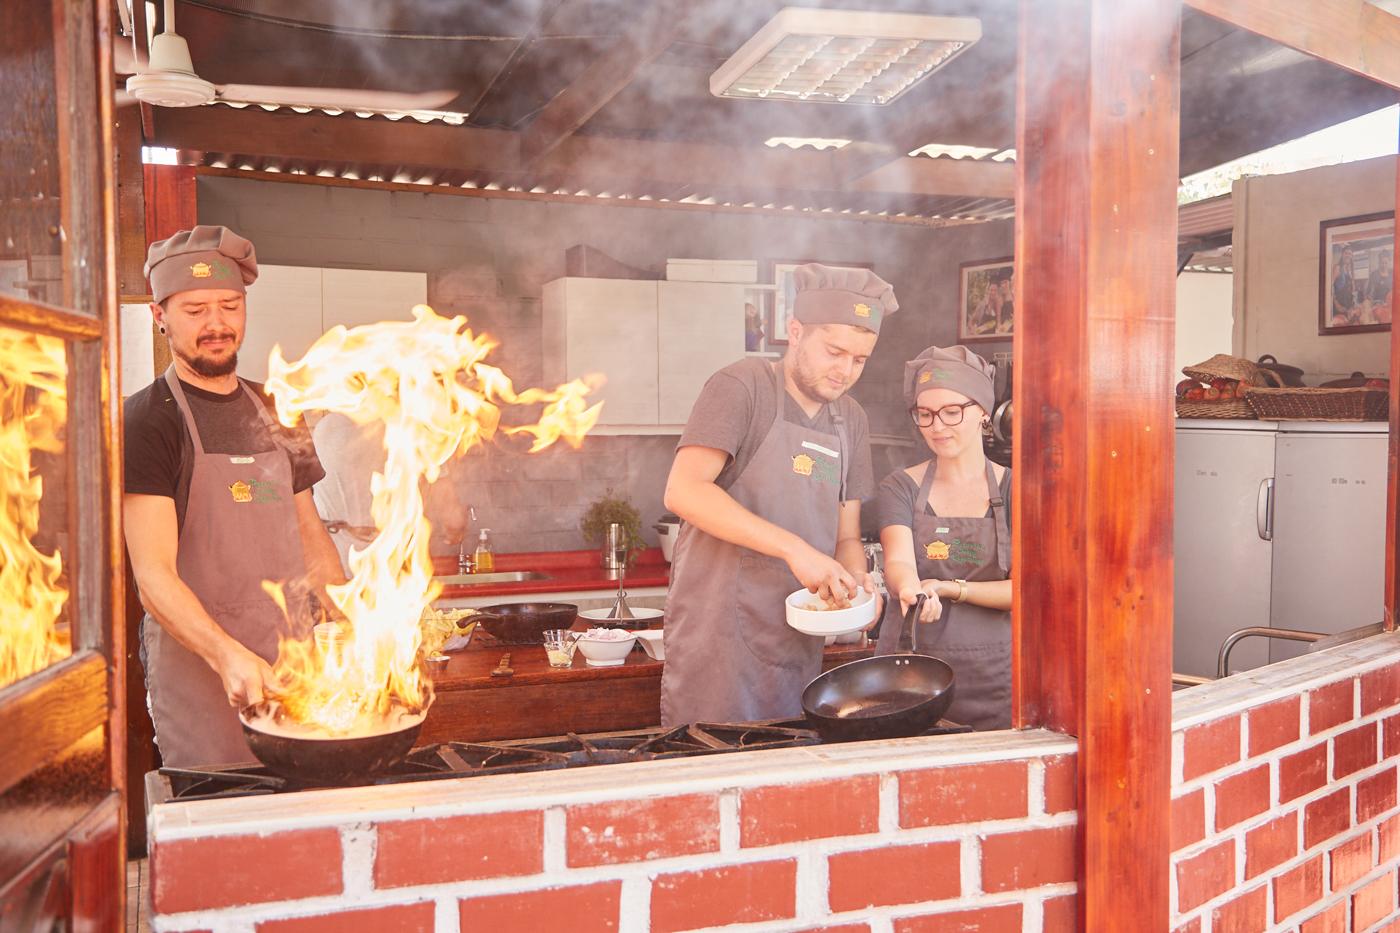 Das Highlight war die Zugabe von Pisco, durch den Schnaps entsteht eine Stichflamme im Wok, die ein tolles Showelement beim peruanischen Kochkurs war